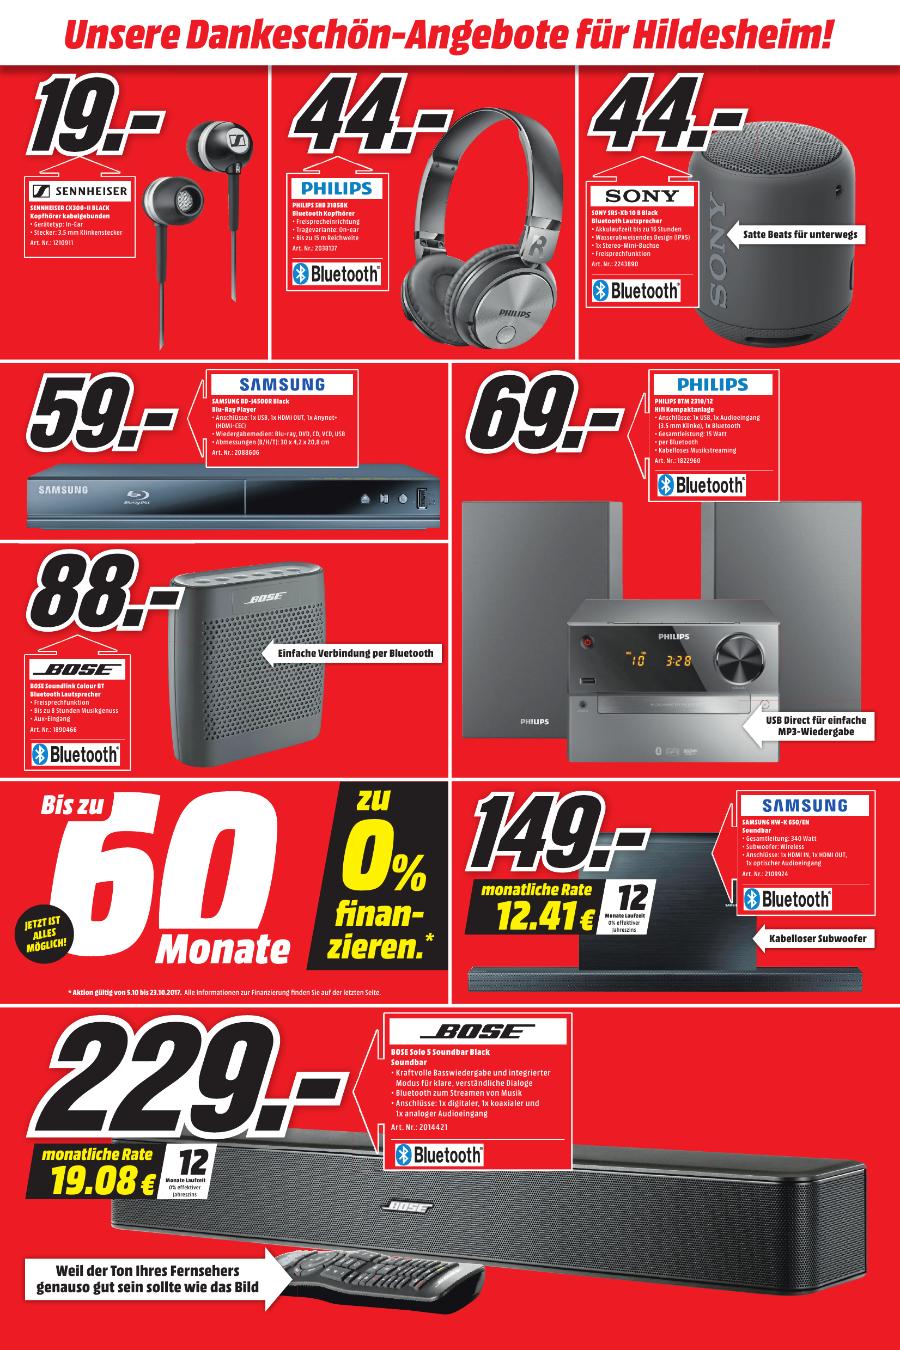 Samsung HW-K650 149,- euro anstatt 349,- euro (schwarz) - 3.1 Soundbar (340 W, Bluetooth, USB, HDMI, Multiroom)  (Mediamarkt Hildesheim)